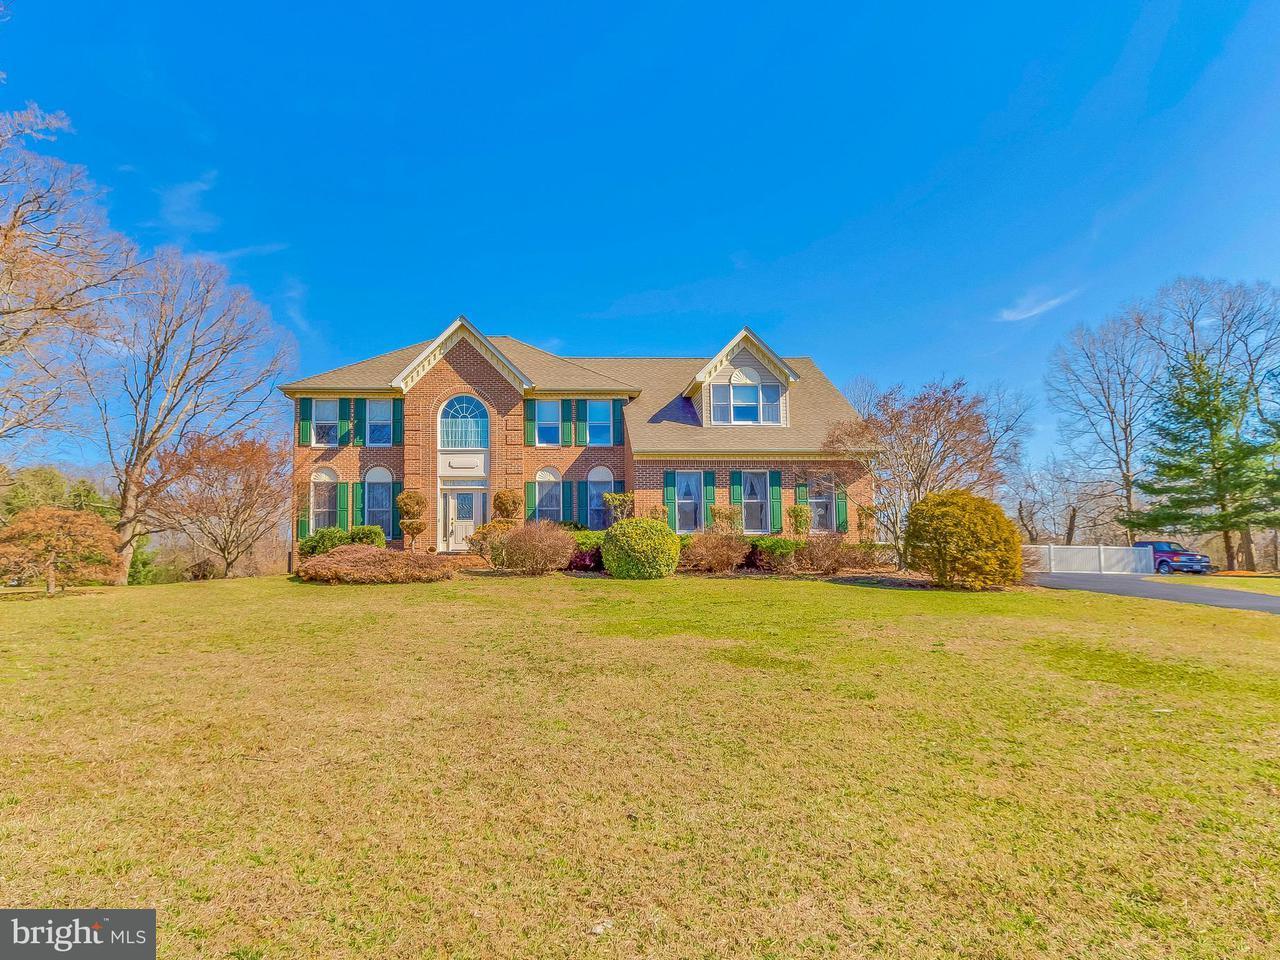 Частный односемейный дом для того Продажа на 6040 Swanson Creek Lane 6040 Swanson Creek Lane Hughesville, Мэриленд 20637 Соединенные Штаты